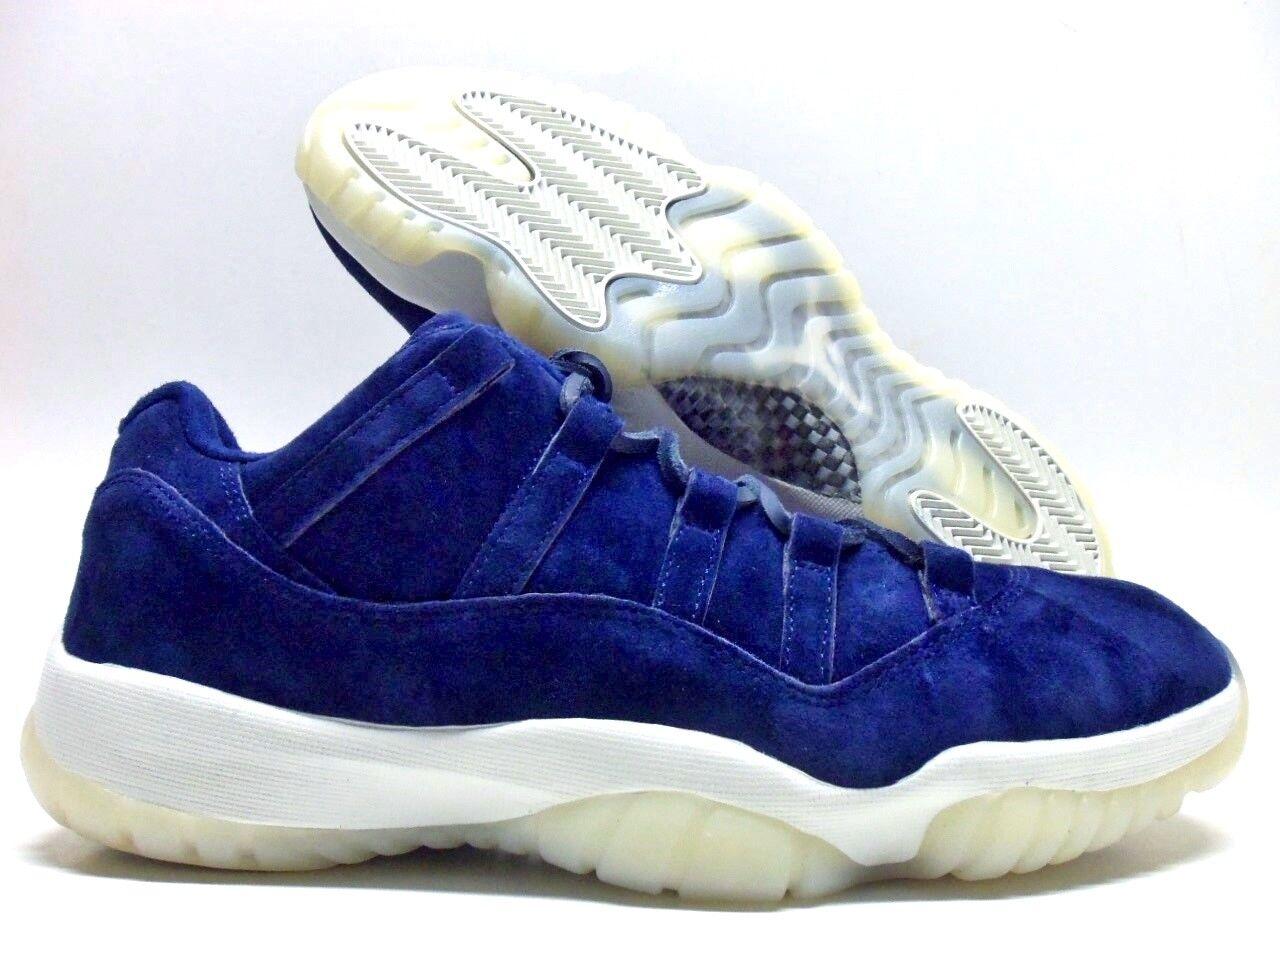 744aae36ae7a4d Nike Air Jordan 11 Retro Low Size 11 Binary Blue Sail Av2187 441 ...